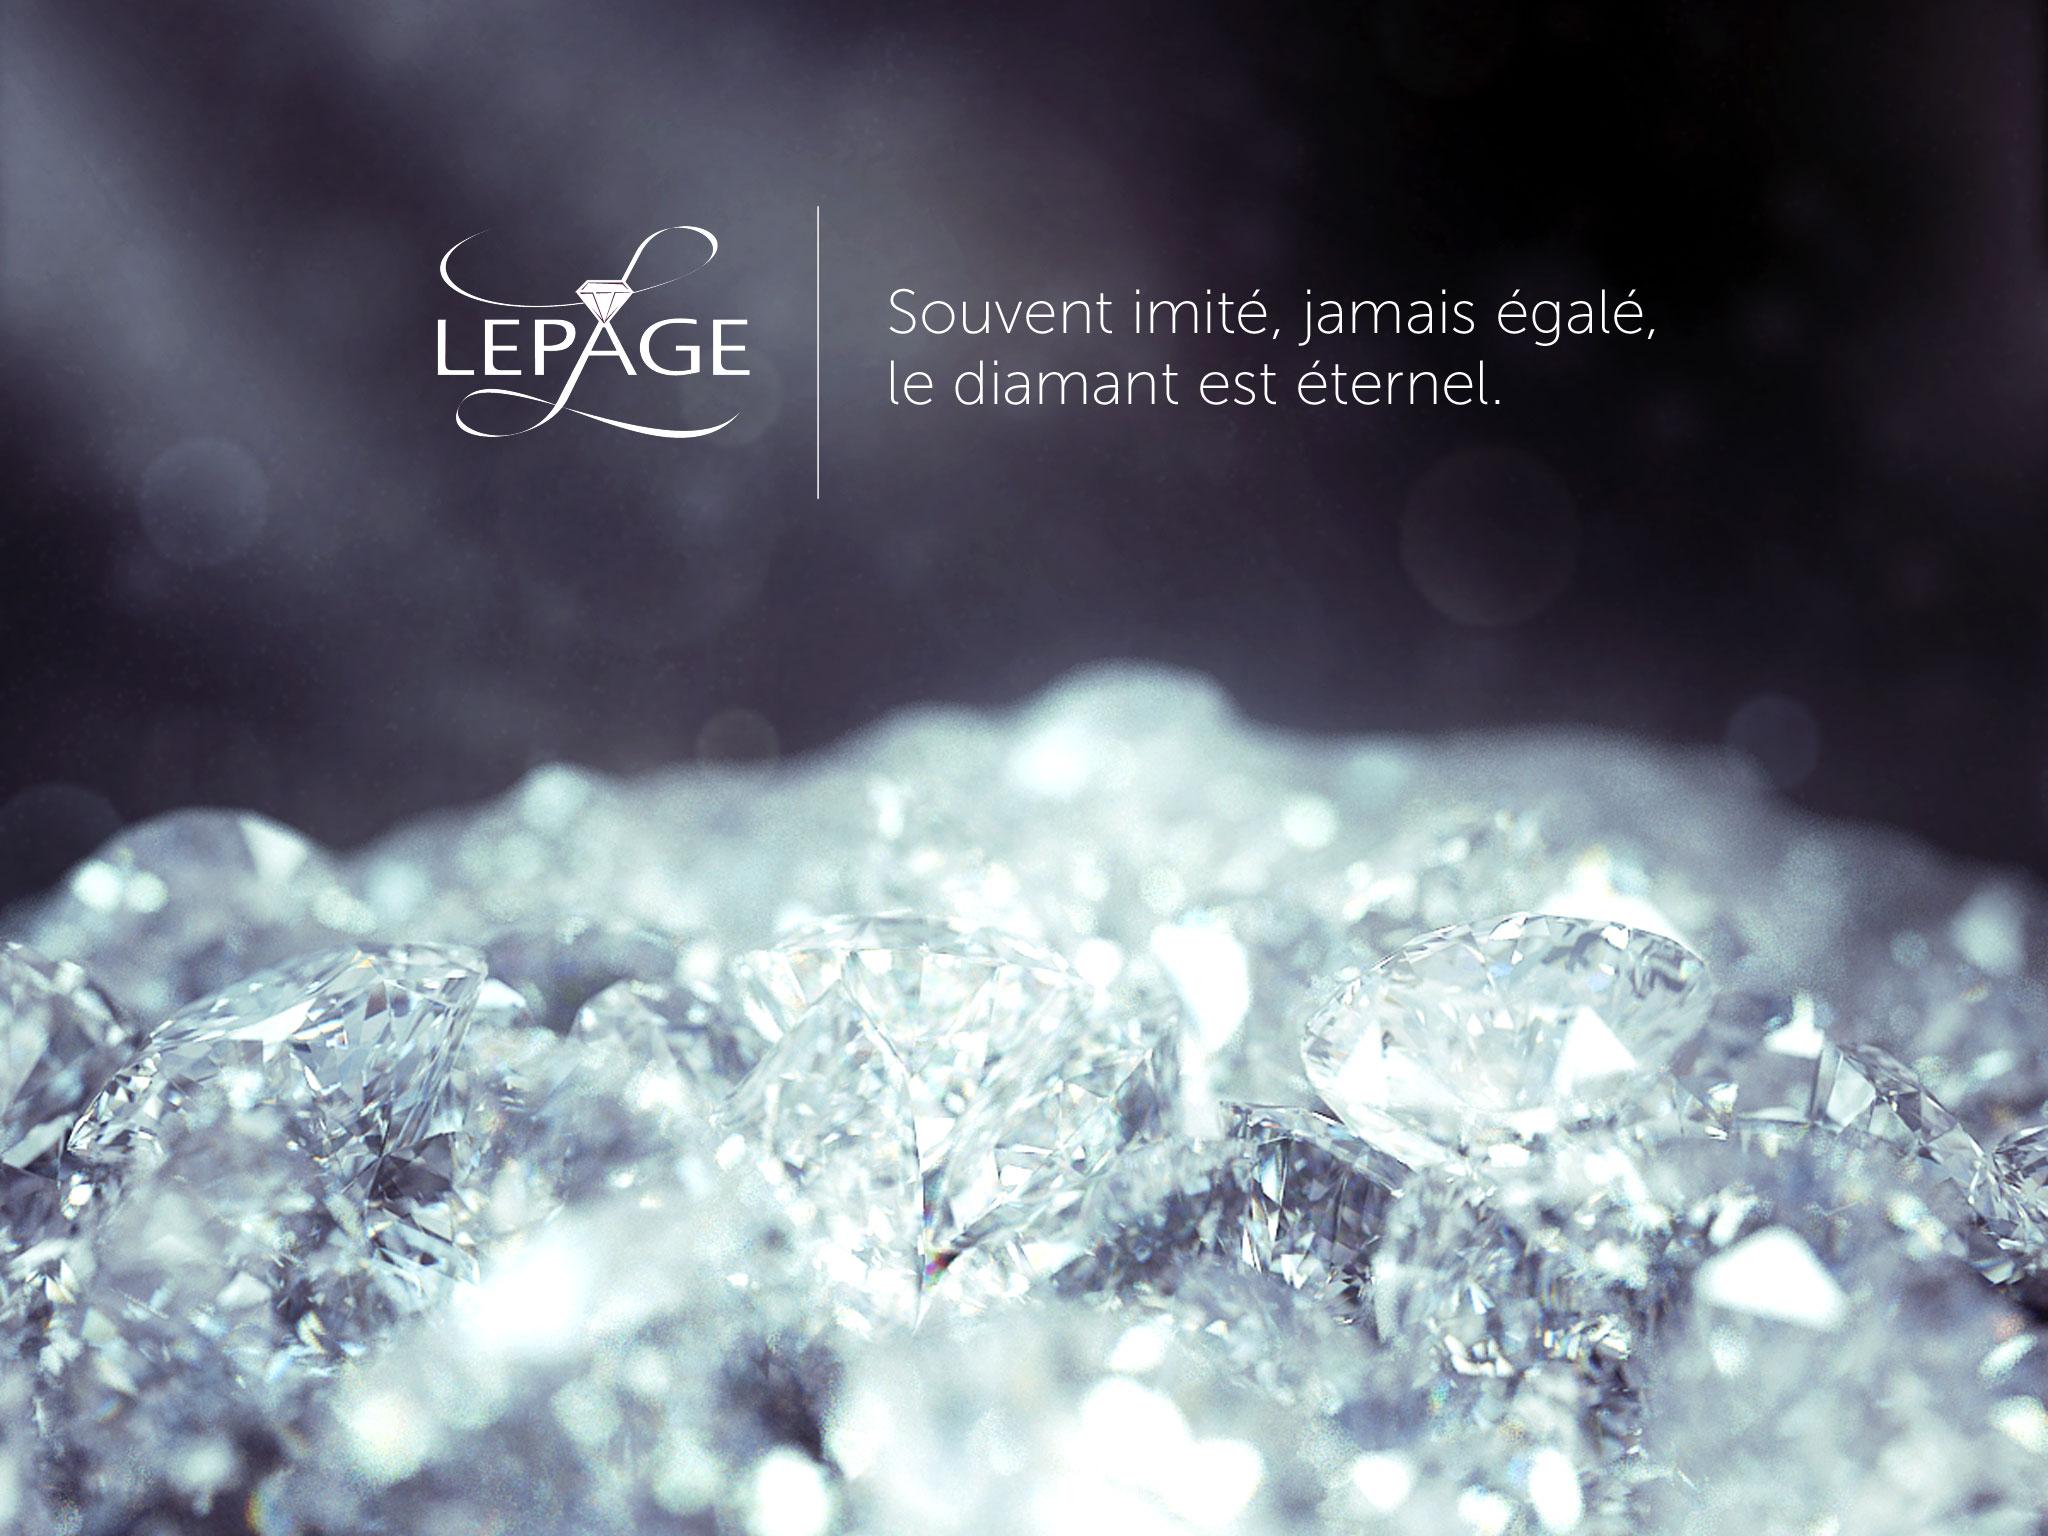 Affiche Diamant Lepage